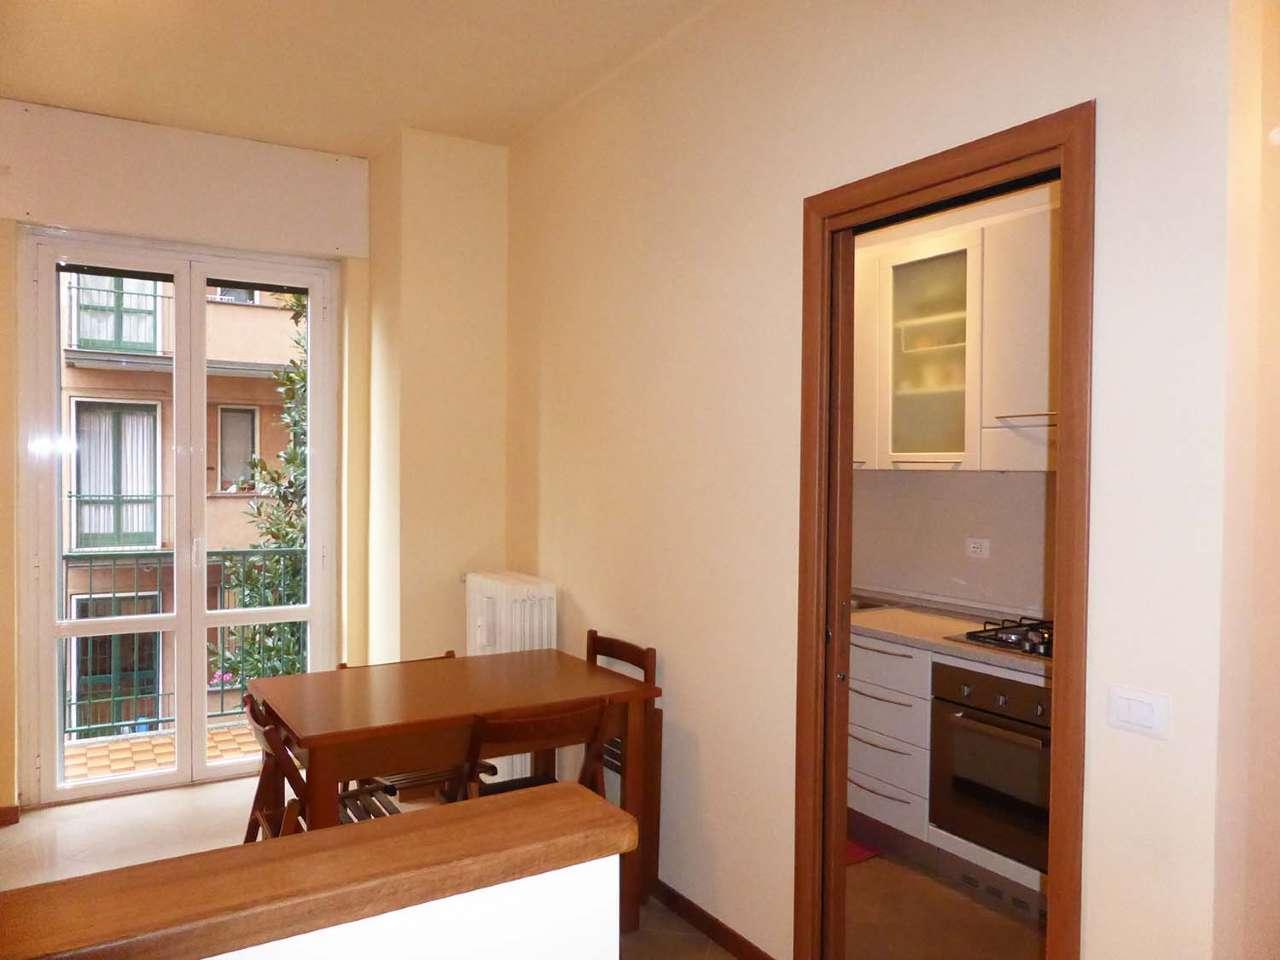 Appartamento in Vendita a Milano 20 Bicocca / Crescenzago / Cimiano:  2 locali, 60 mq  - Foto 1